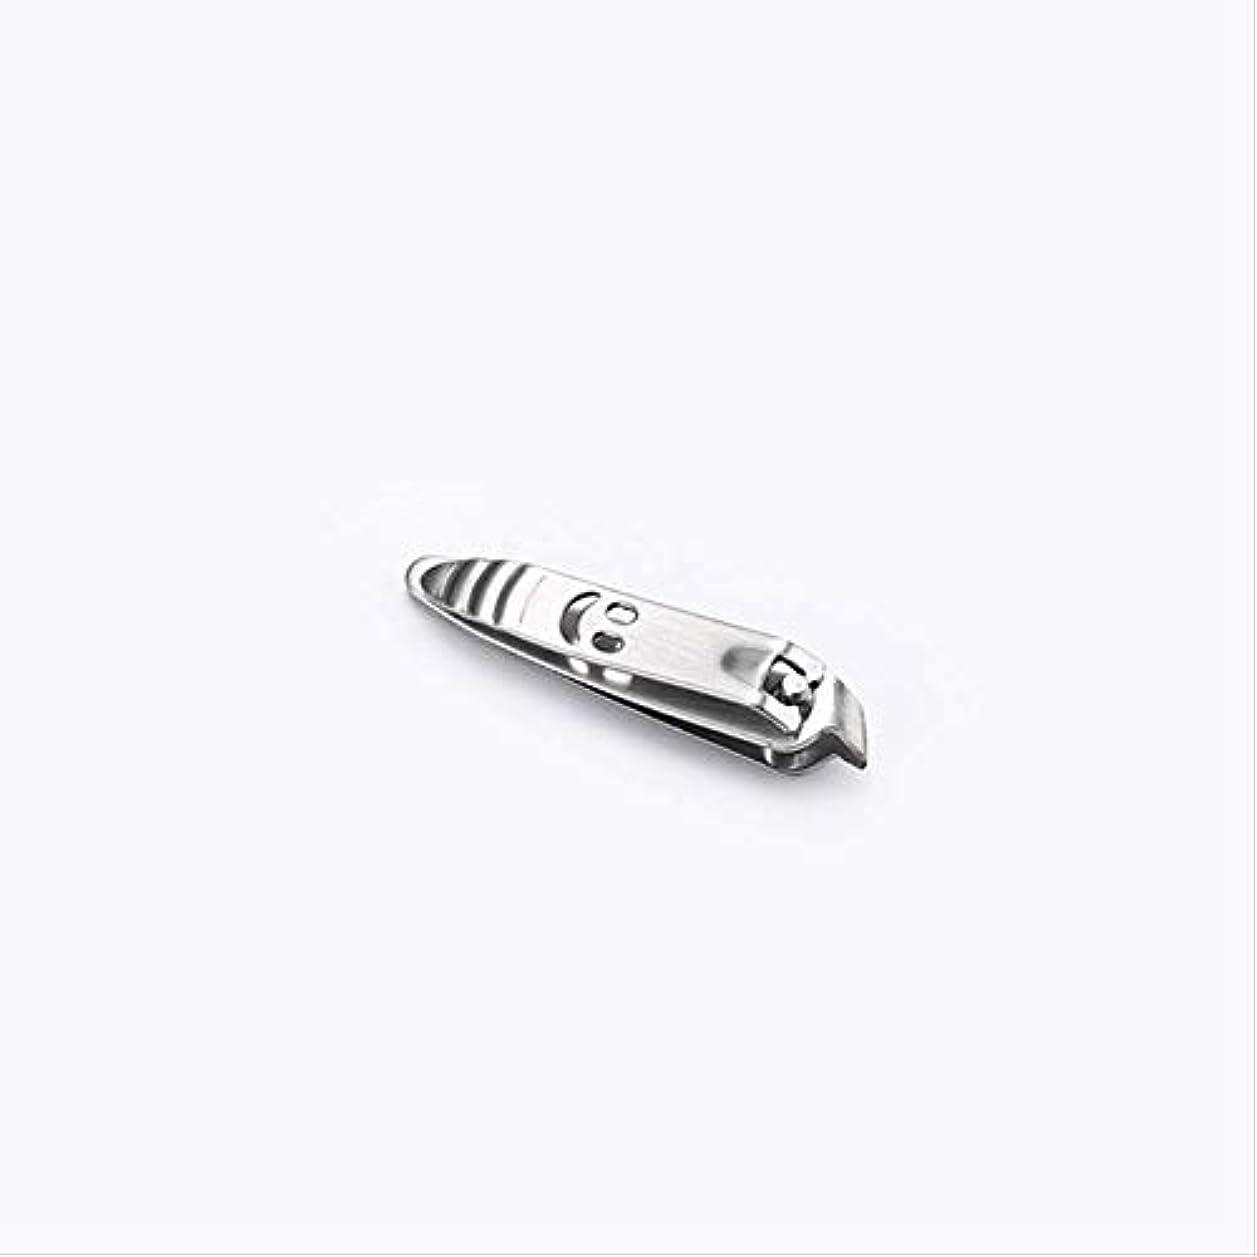 コウモリ航空会社ナプキンドイツの新しいステンレス鋼の爪切り大型シングル爪切り美容院マニキュア爪切りセット 小さな斜めの爪切り